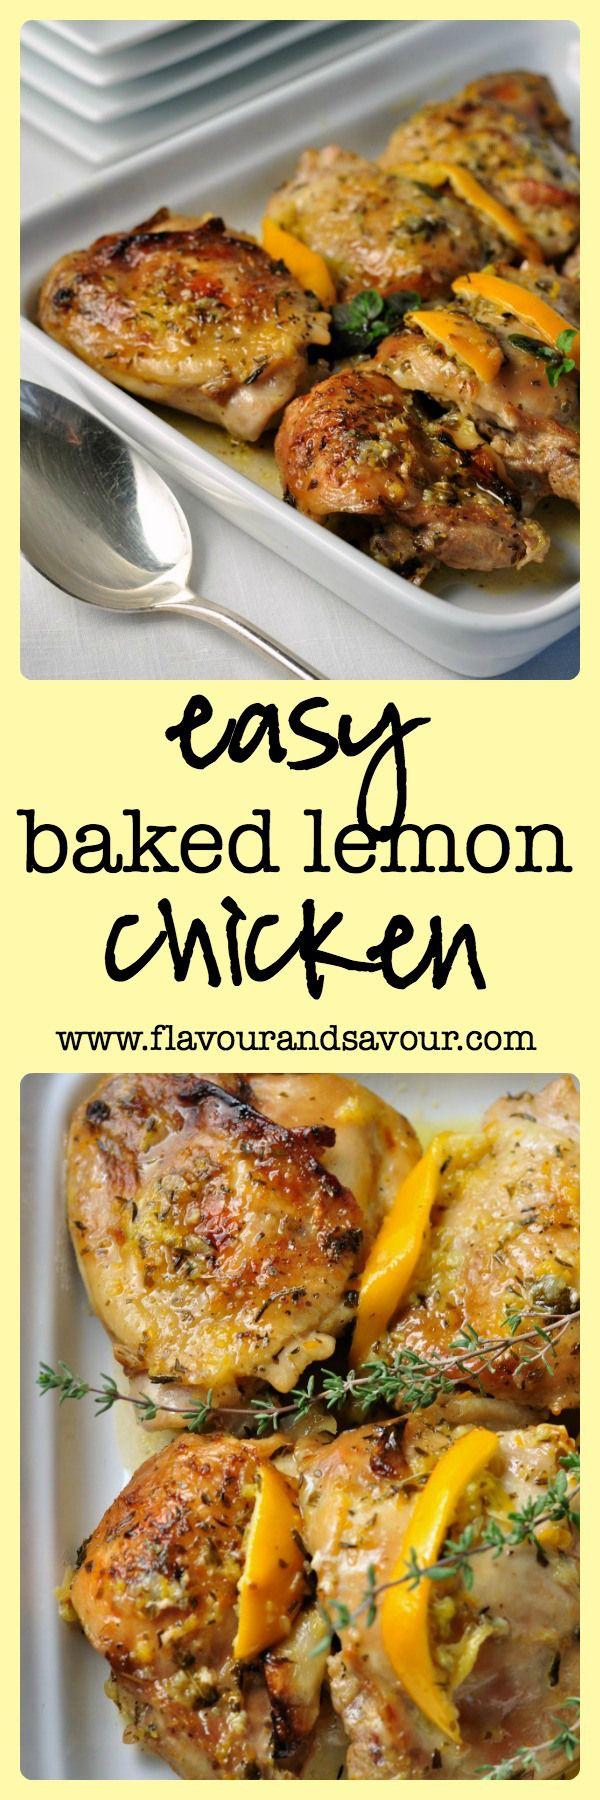 Easy Baked Lemon Chicken |www.flavourandsavour.com